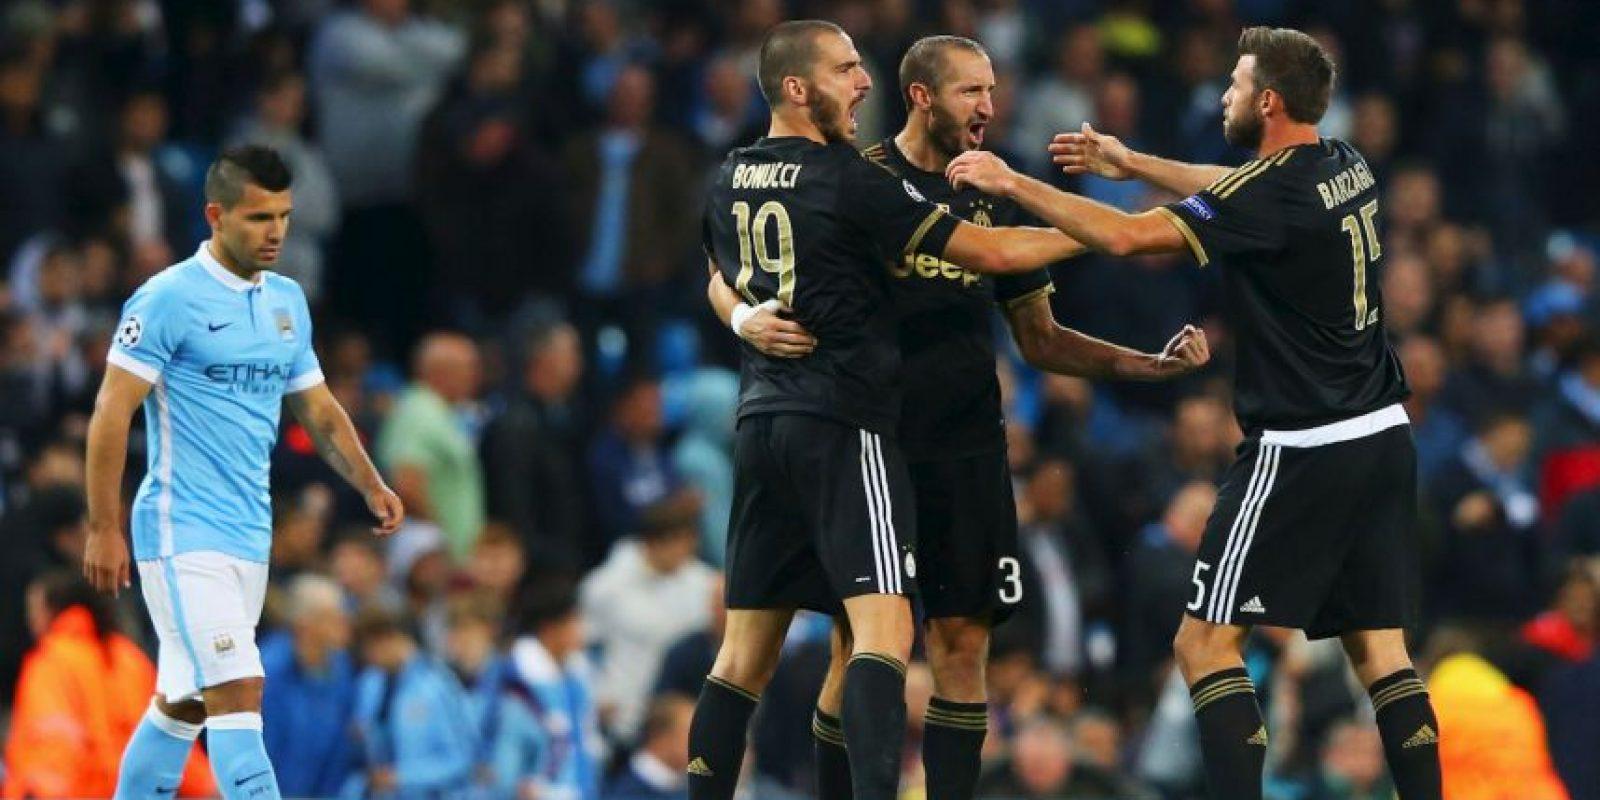 """La """"Juve"""" necesita ganar para conseguir su boleto a octavos de fina Foto:Getty Images"""